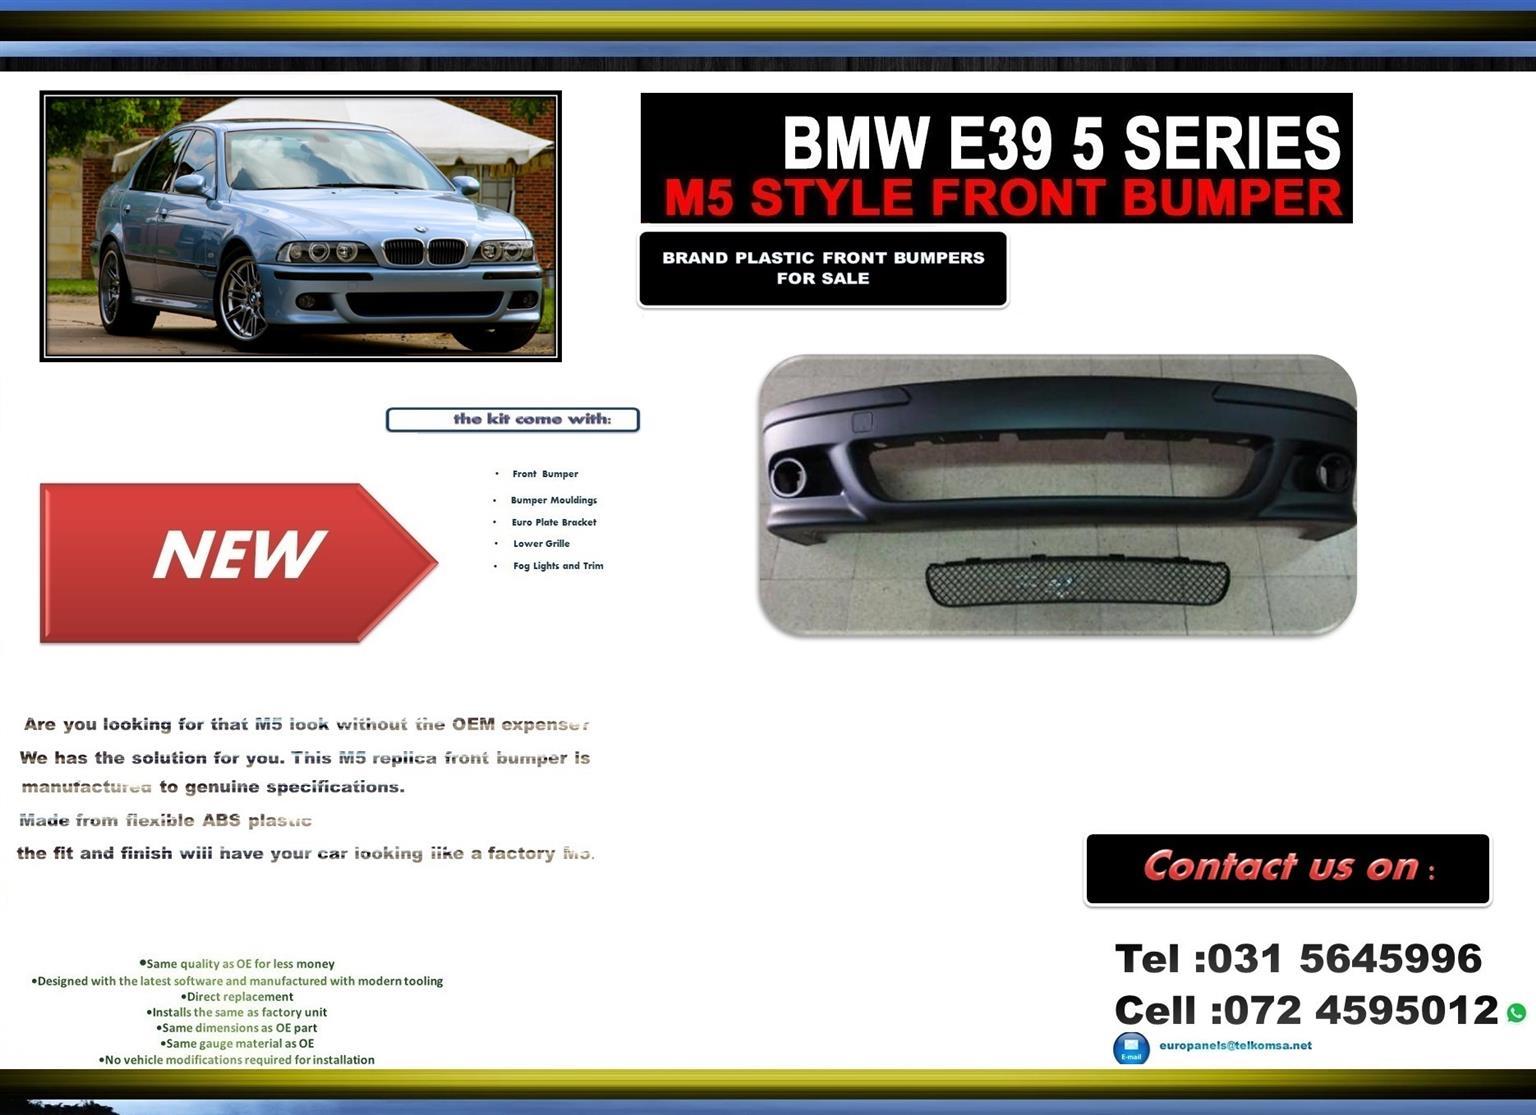 BMW E39 5 SERIES M5 BRAND NEW PLASTIC FRONT BUMPER PRICE-R2300